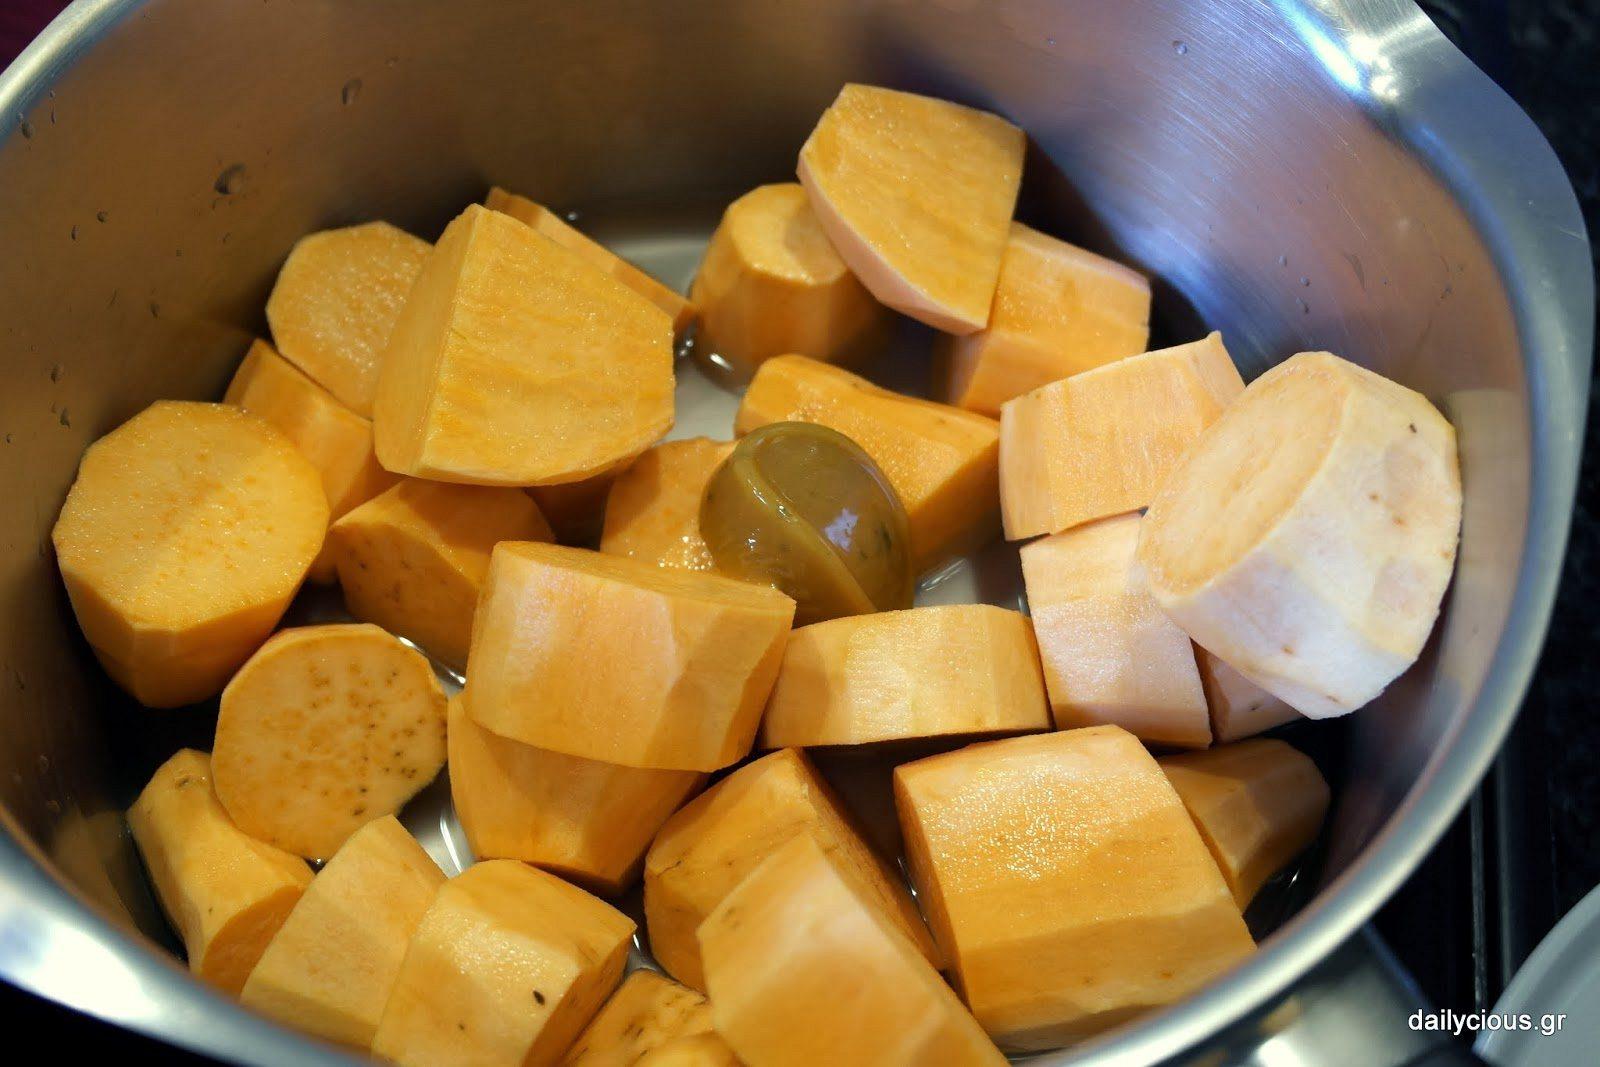 Οι γλυκοπατάτες βράζουν στην κατσαρόλα.